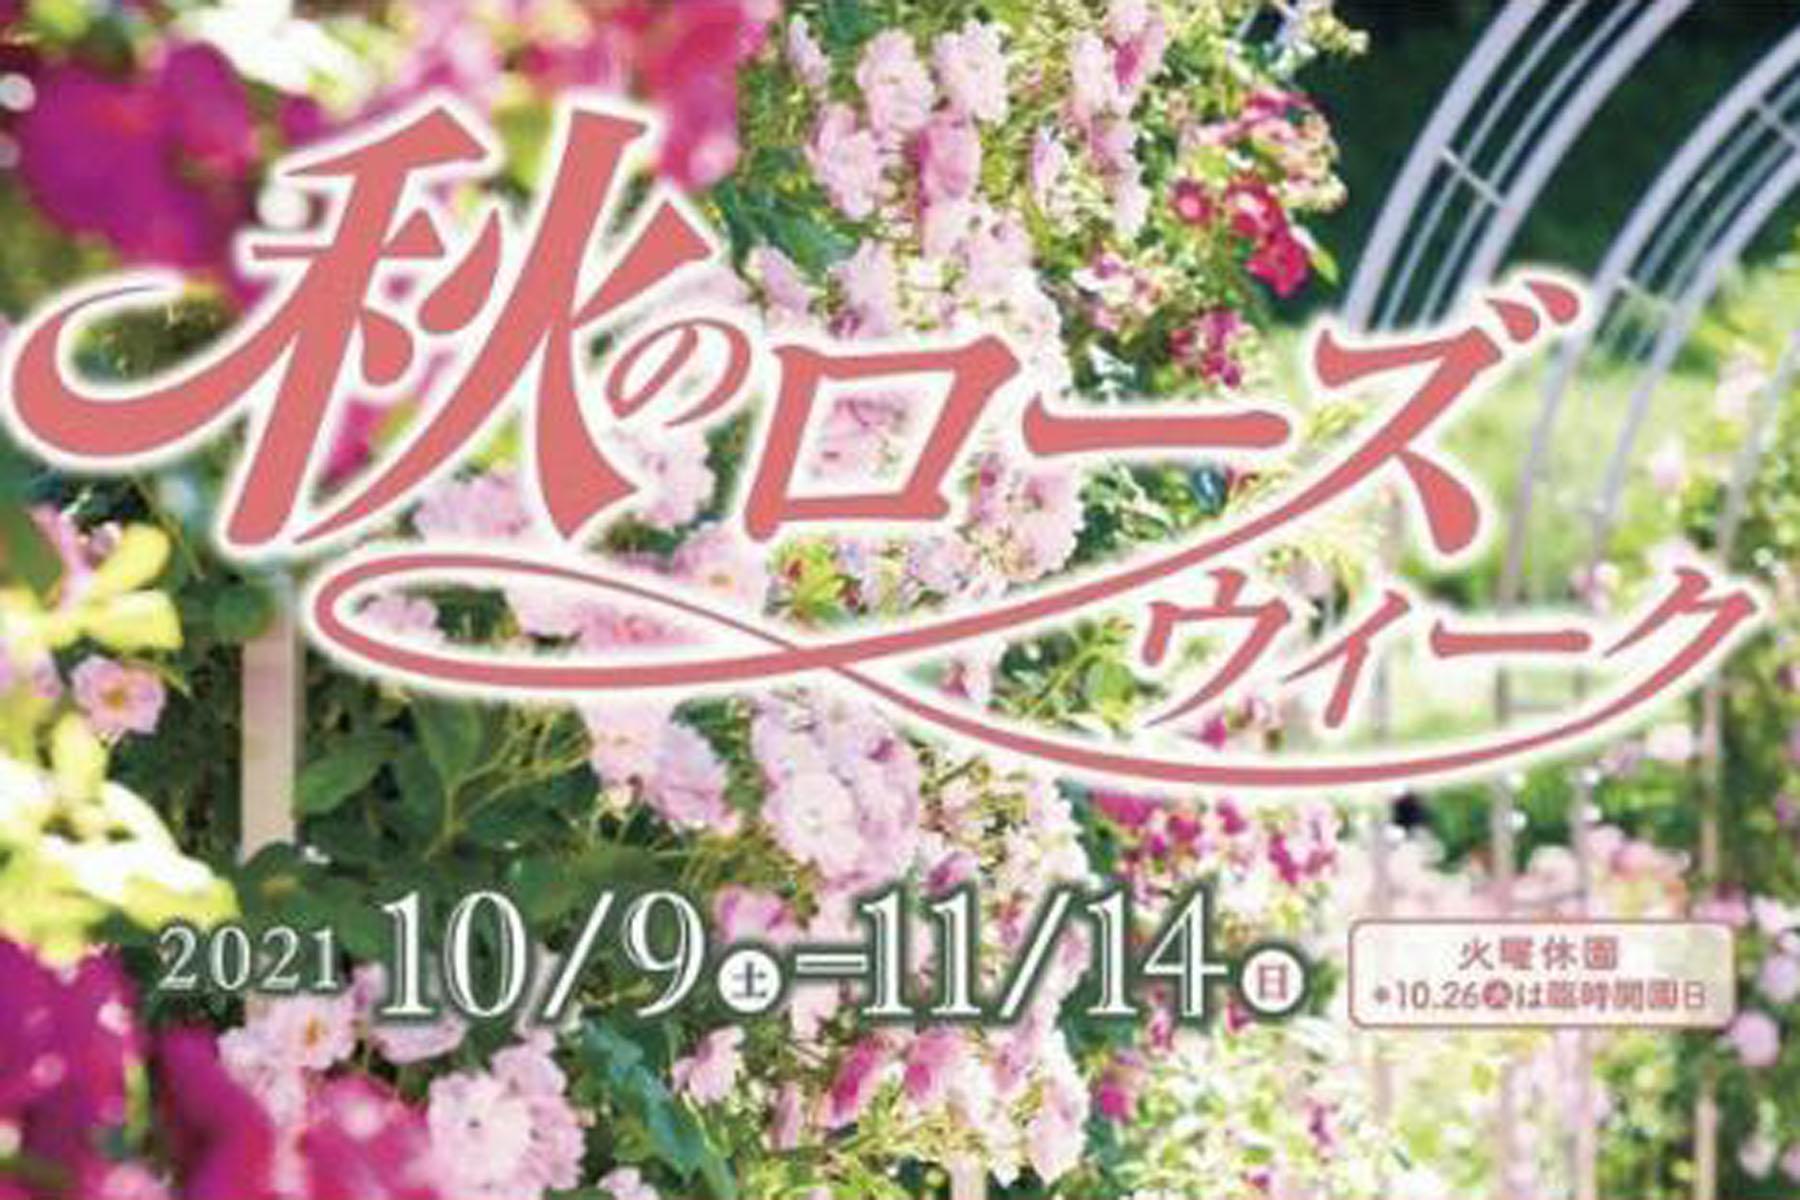 10月17日(日)、31日(日)秋のローズウィーク・ワークショップ in 岐阜県